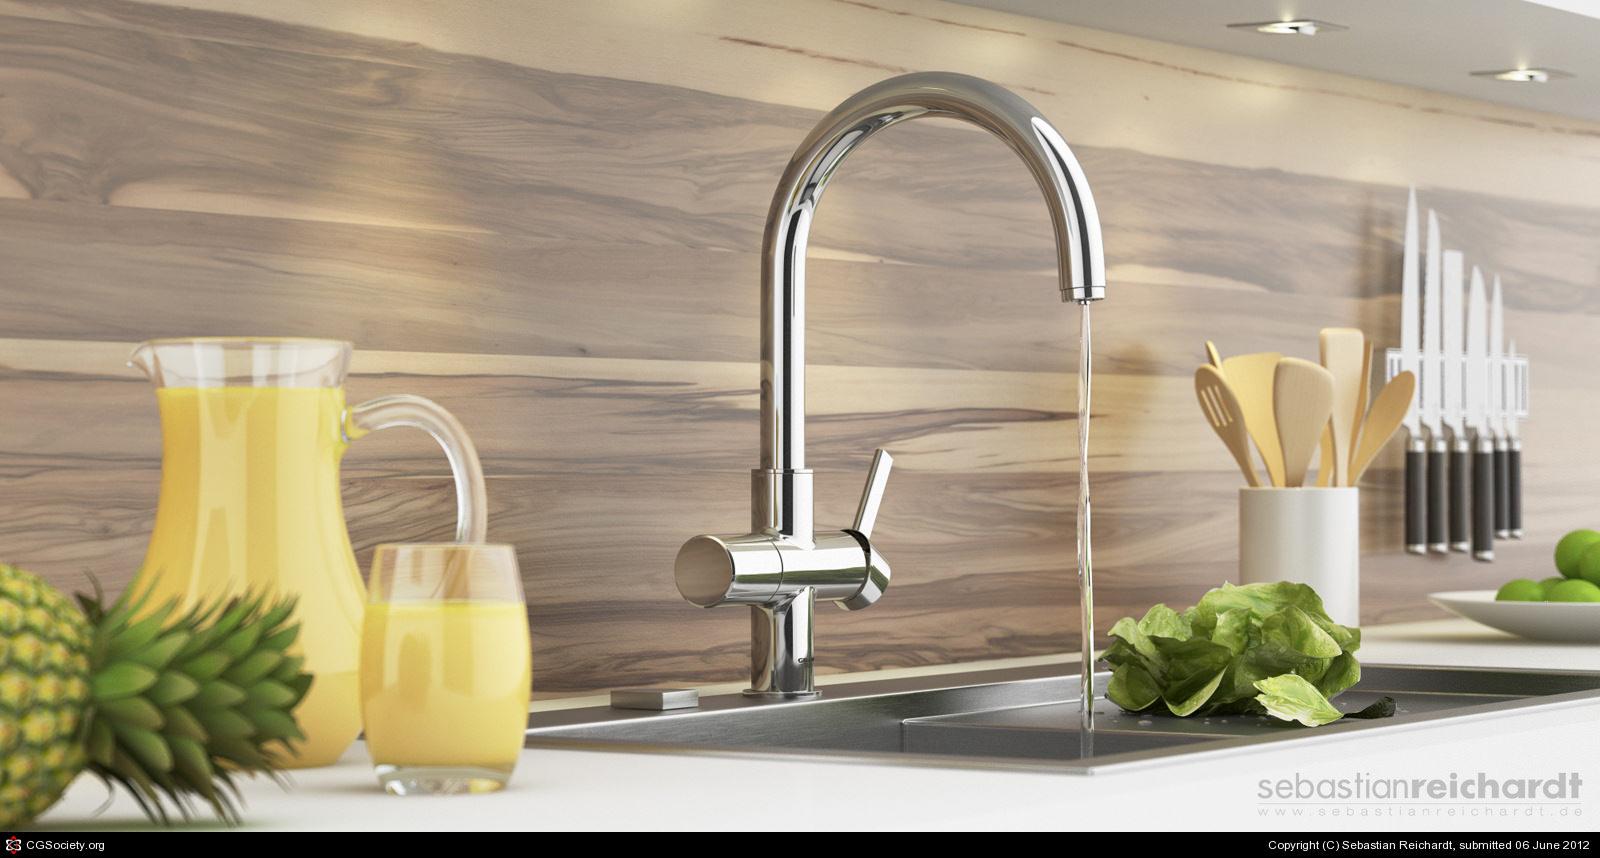 Grohe Kitchen Faucet By Sebastian Reichardt 3d Cgsociety Inside Grohe  Kitchen Faucet